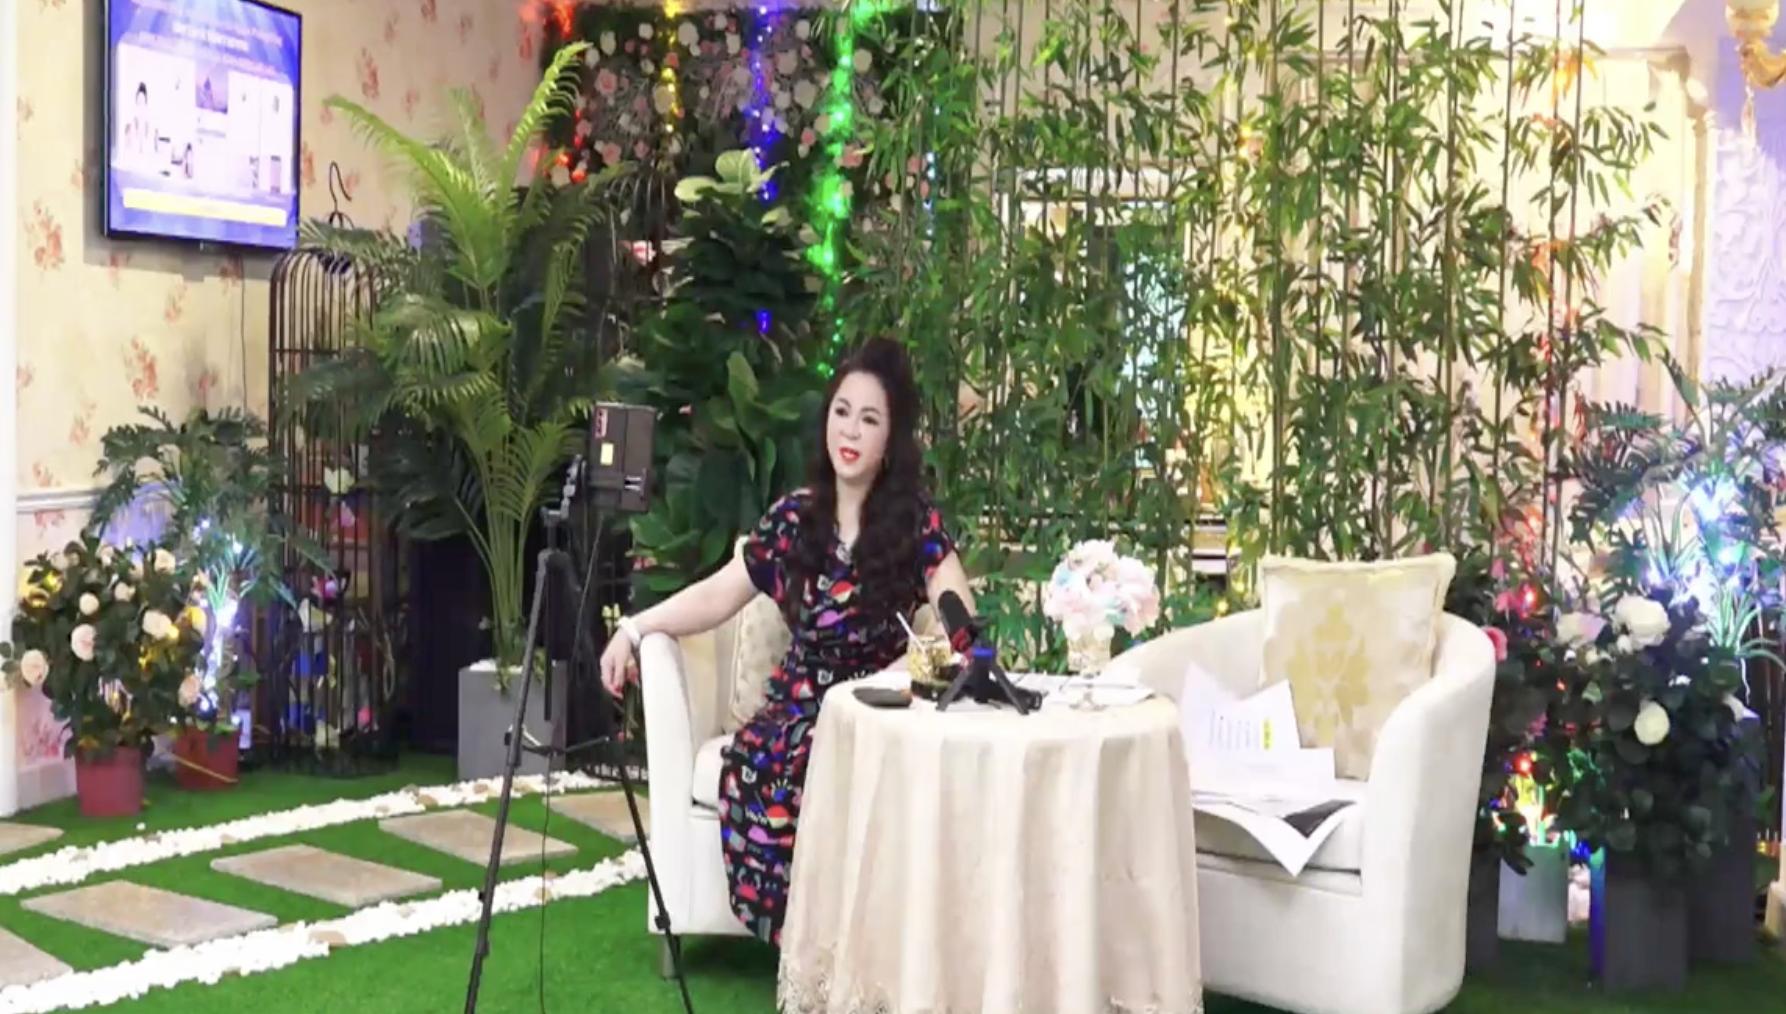 Nguyễn Sin khiến MXH dậy sóng khi 'đối đầu' với bà Phương Hằng giữa 'tâm bão sao kê' 2